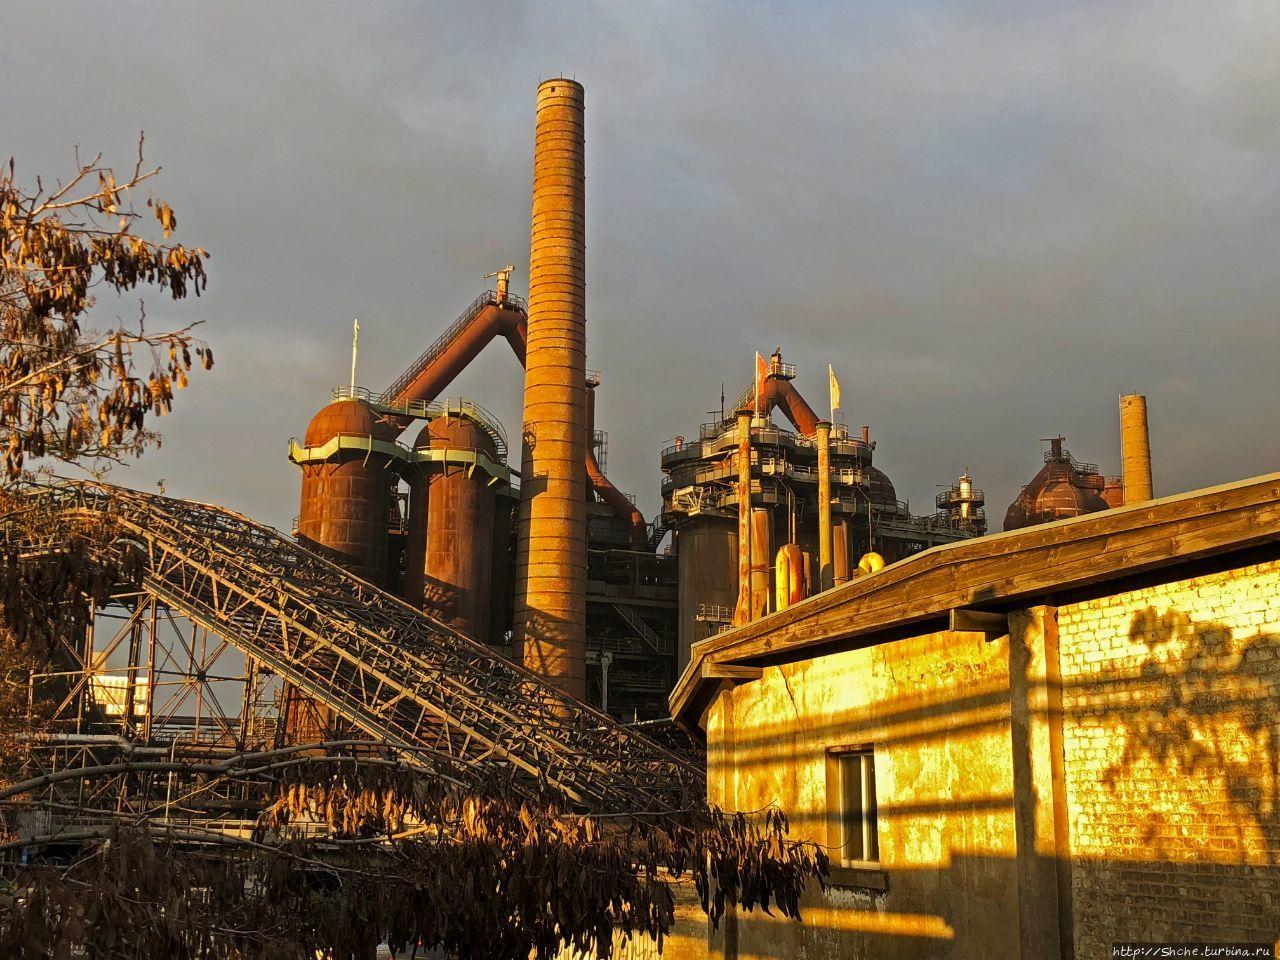 реформы металургийный завод в кракове фото цену госпошлины